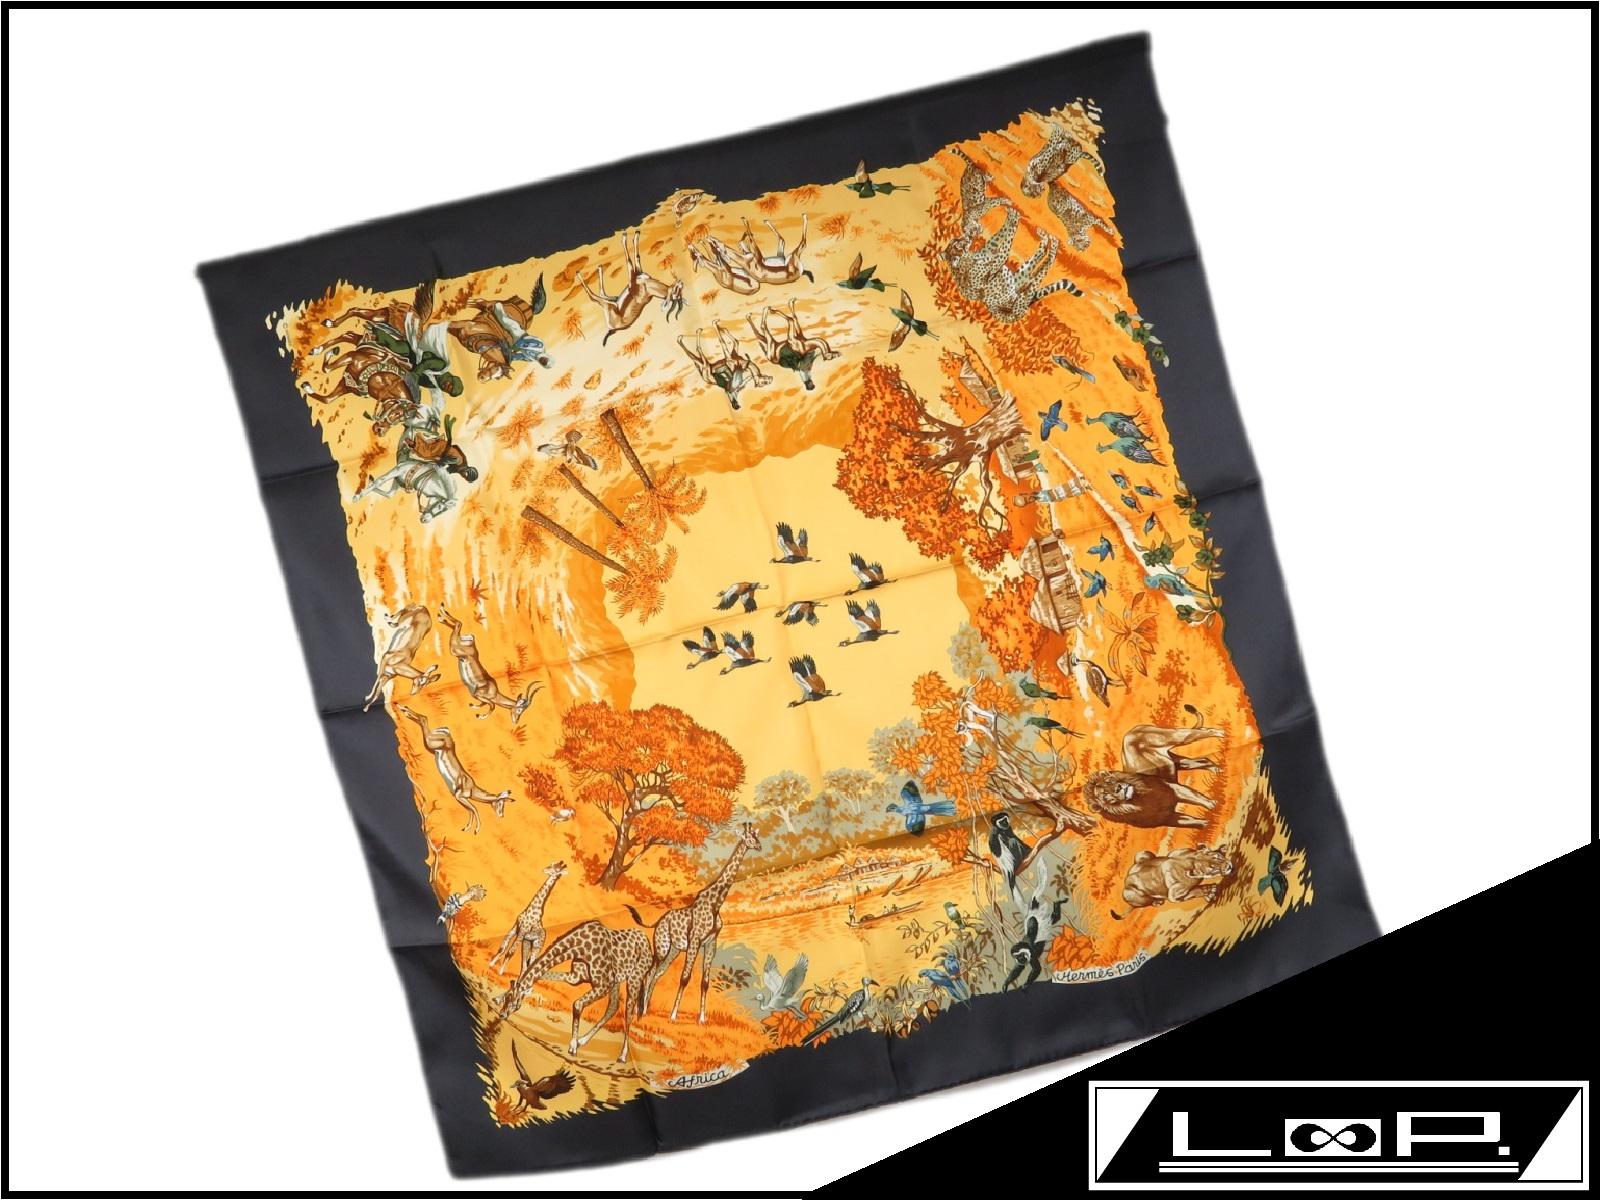 【HERMES】 エルメス カレ 90 Afurica アフリカ スカーフ 動物 シルク オレンジ ブラック 黒 【A23063】 【中古】